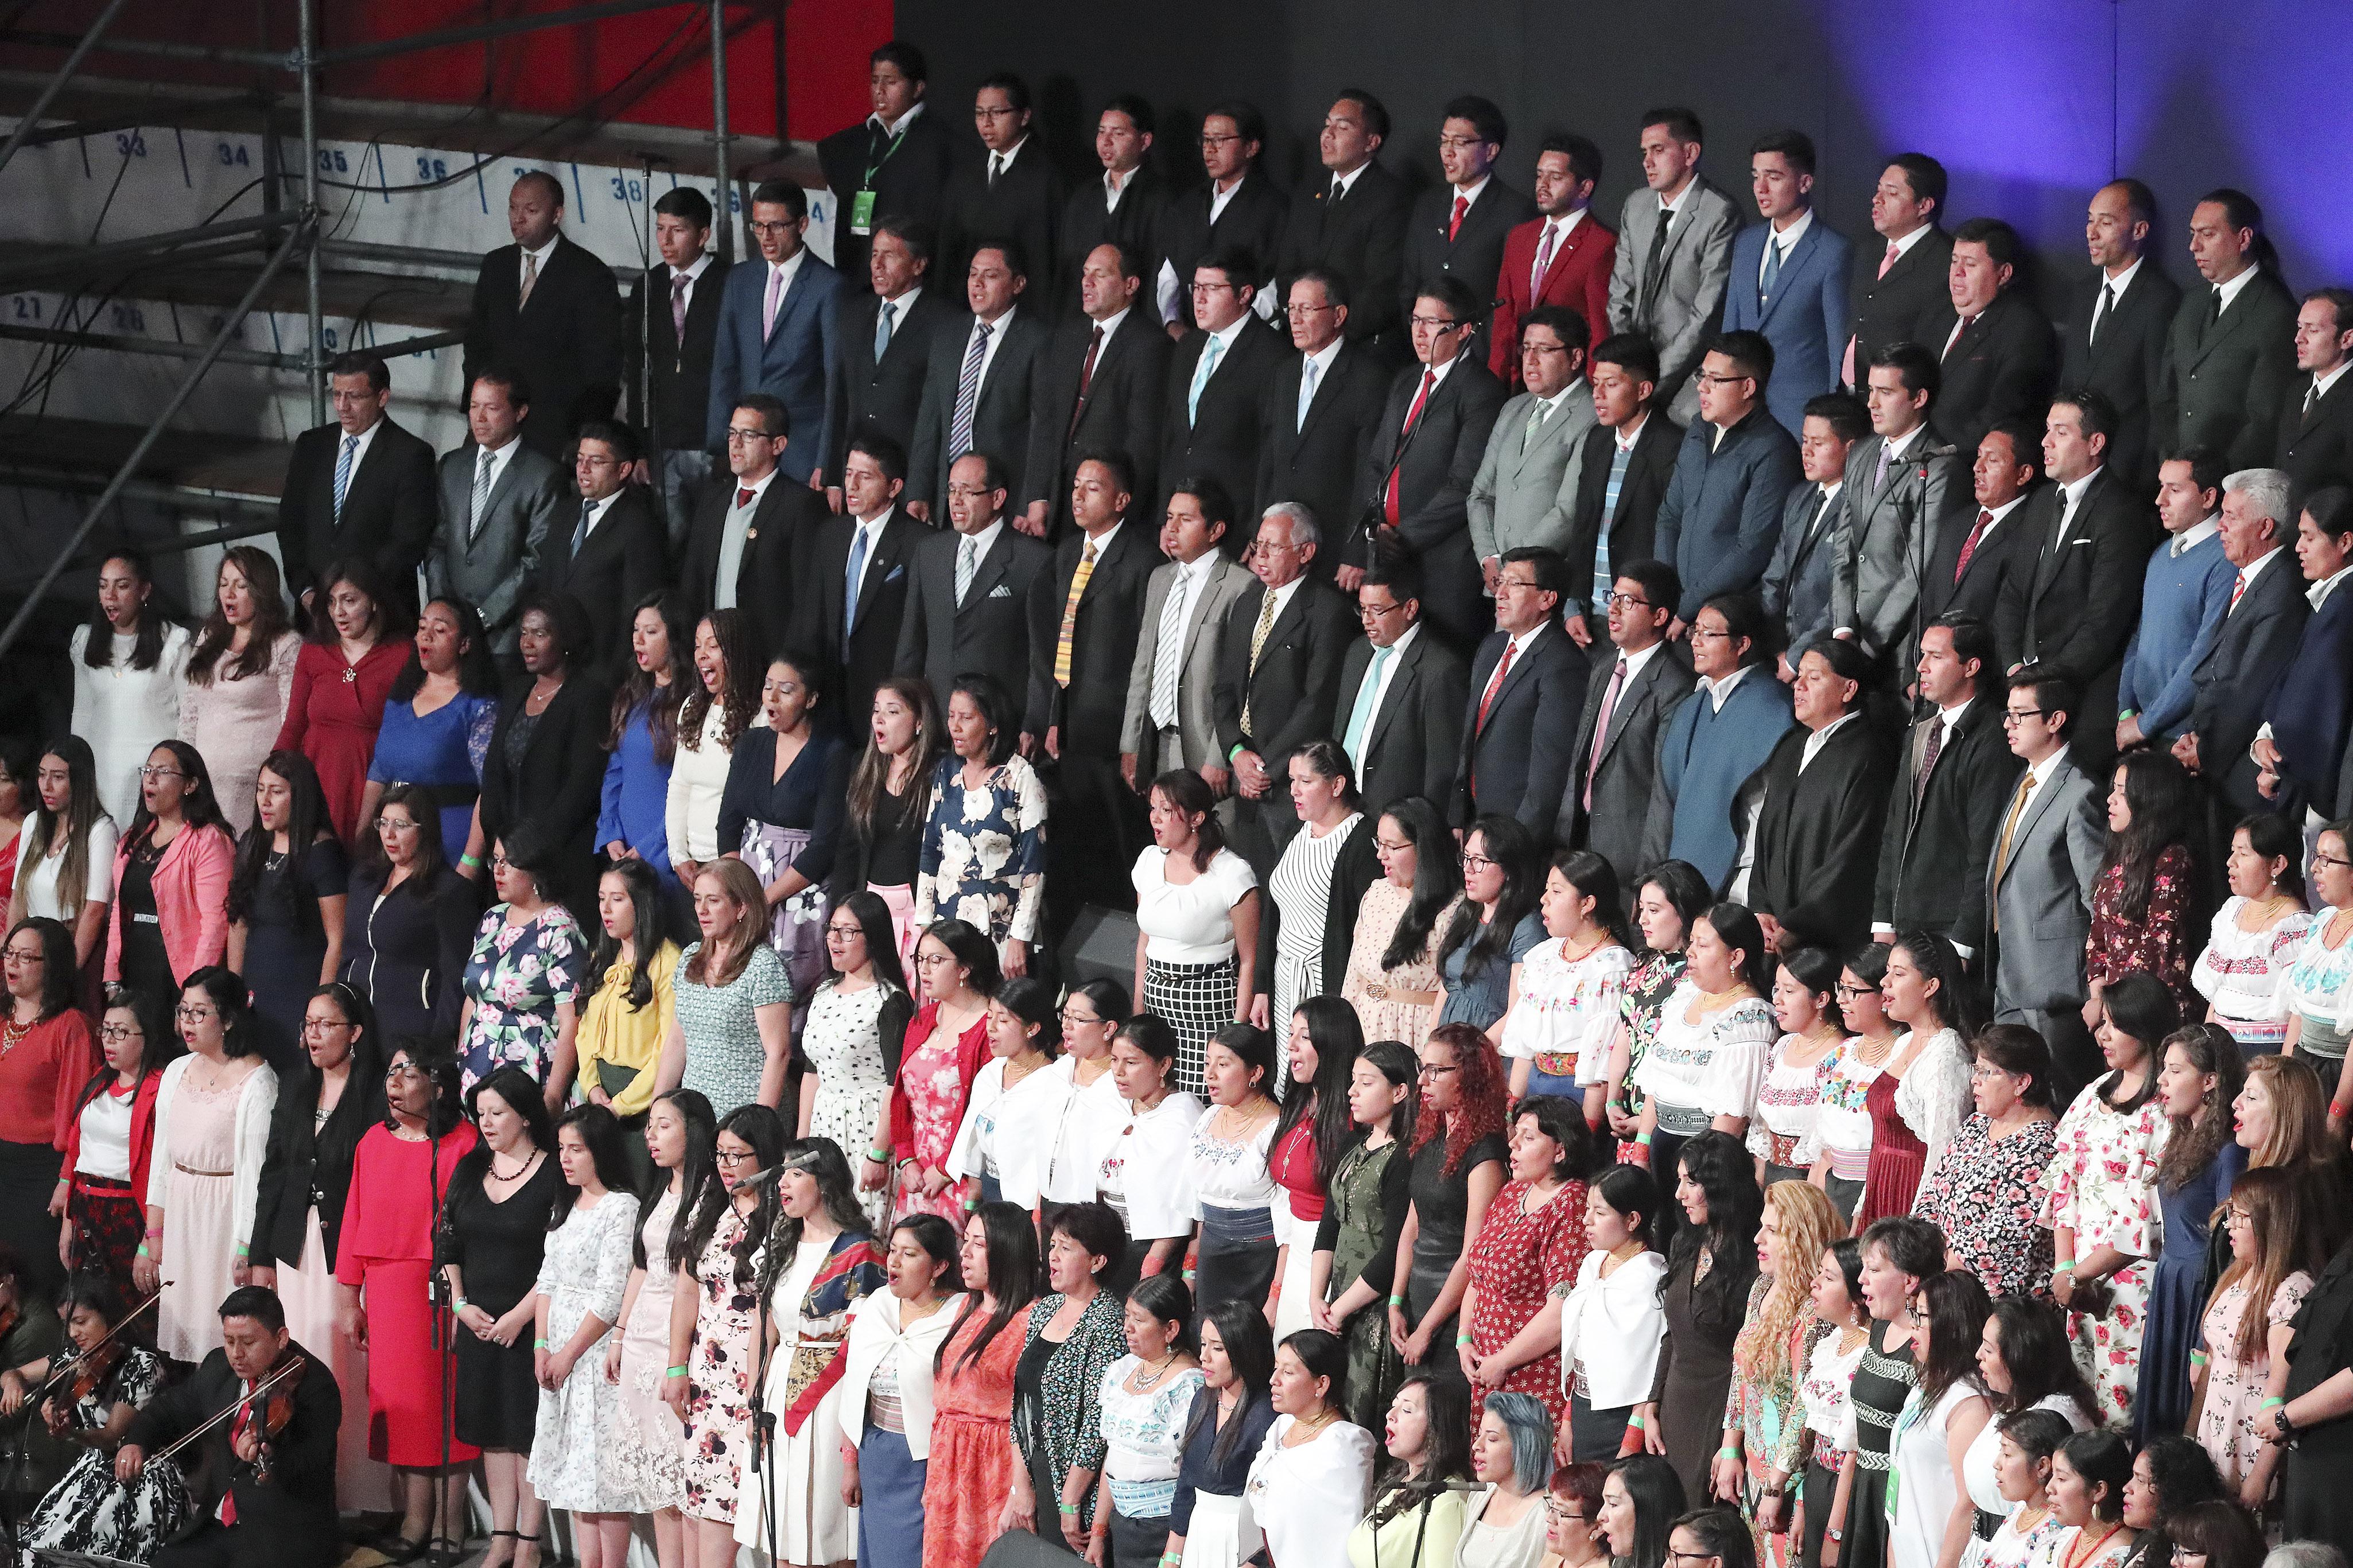 O coro canta durante o devocional realizado em Quito, Equador, na segunda-feira, 26 de agosto de 2019.